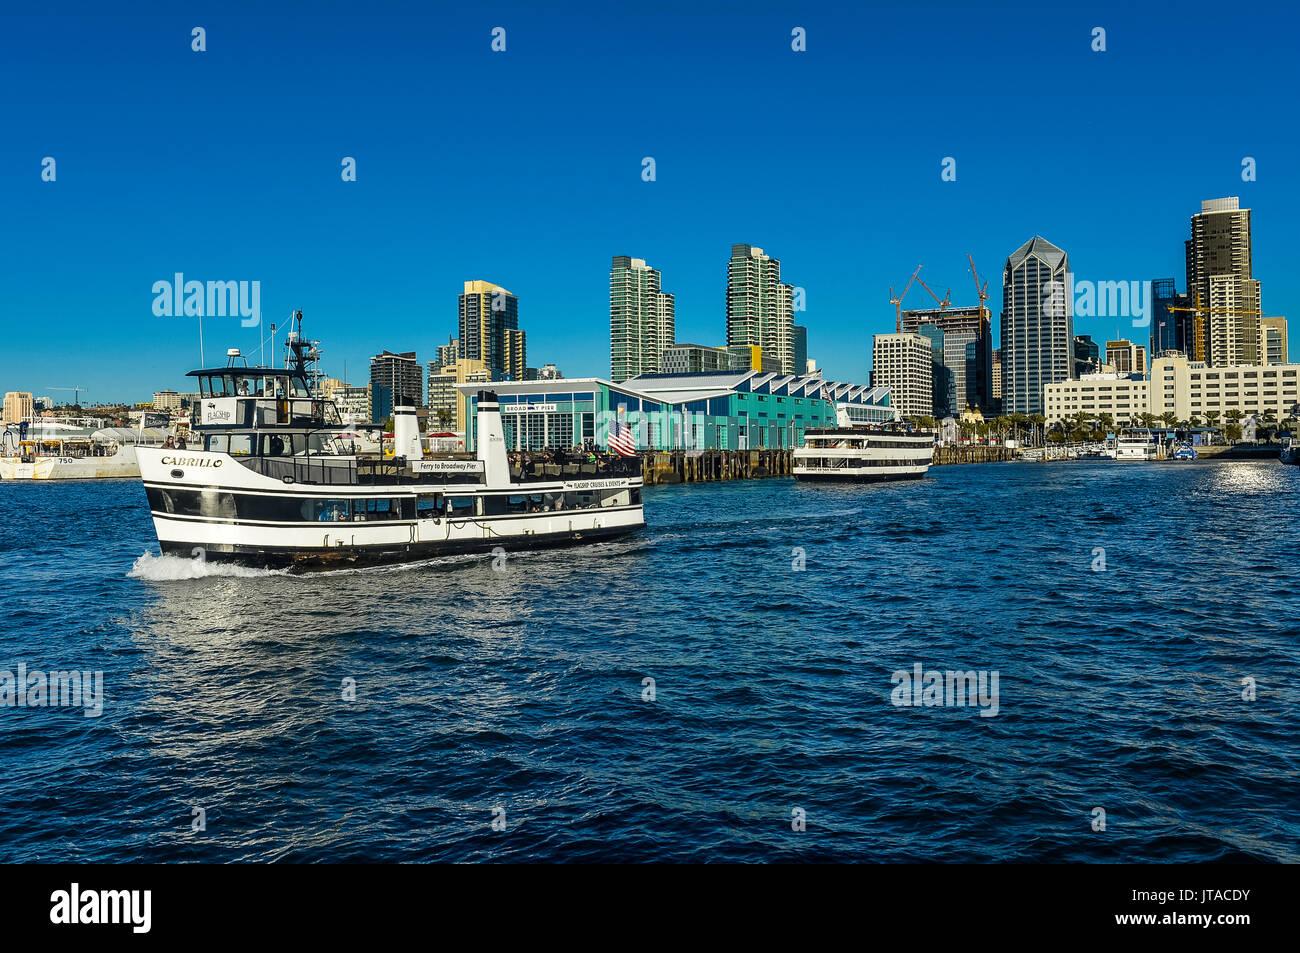 Poco turismo de cruceros con el horizonte en el fondo, el puerto de San Diego, California, Estados Unidos de América, Imagen De Stock